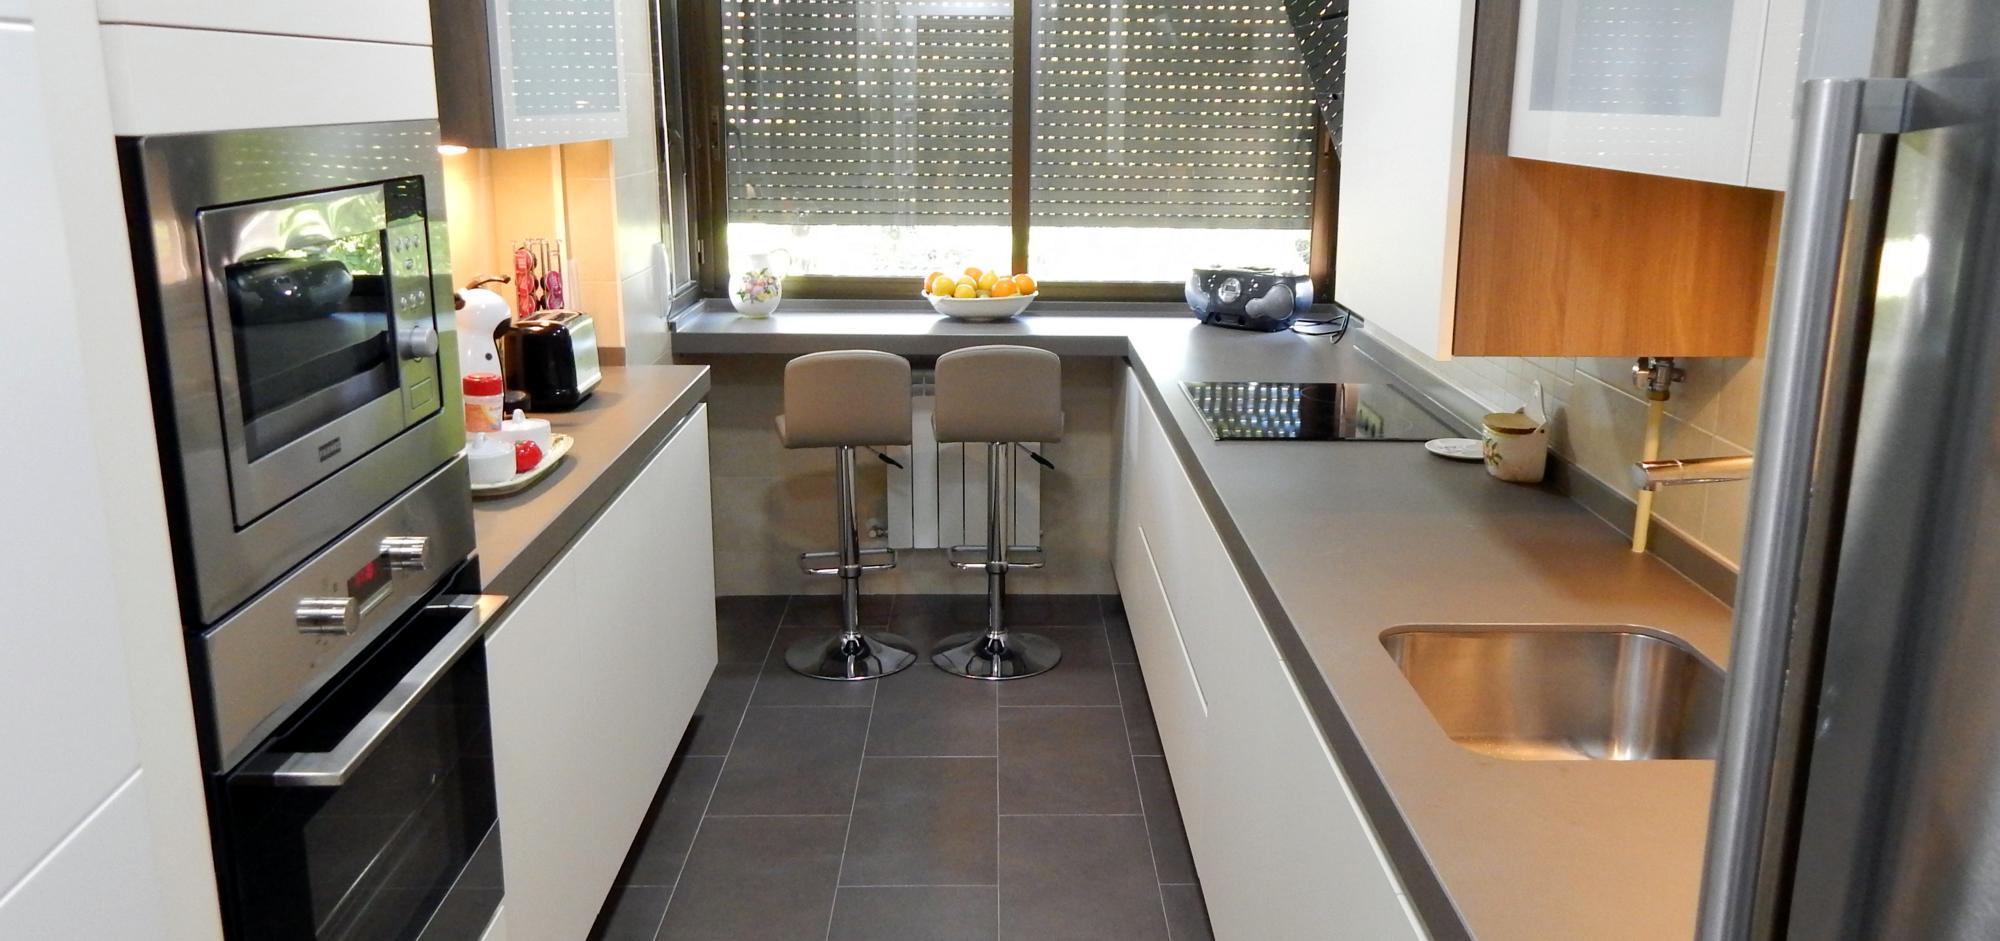 Muebles de cocina modelo hit con gola - Tiradores armarios cocina ...